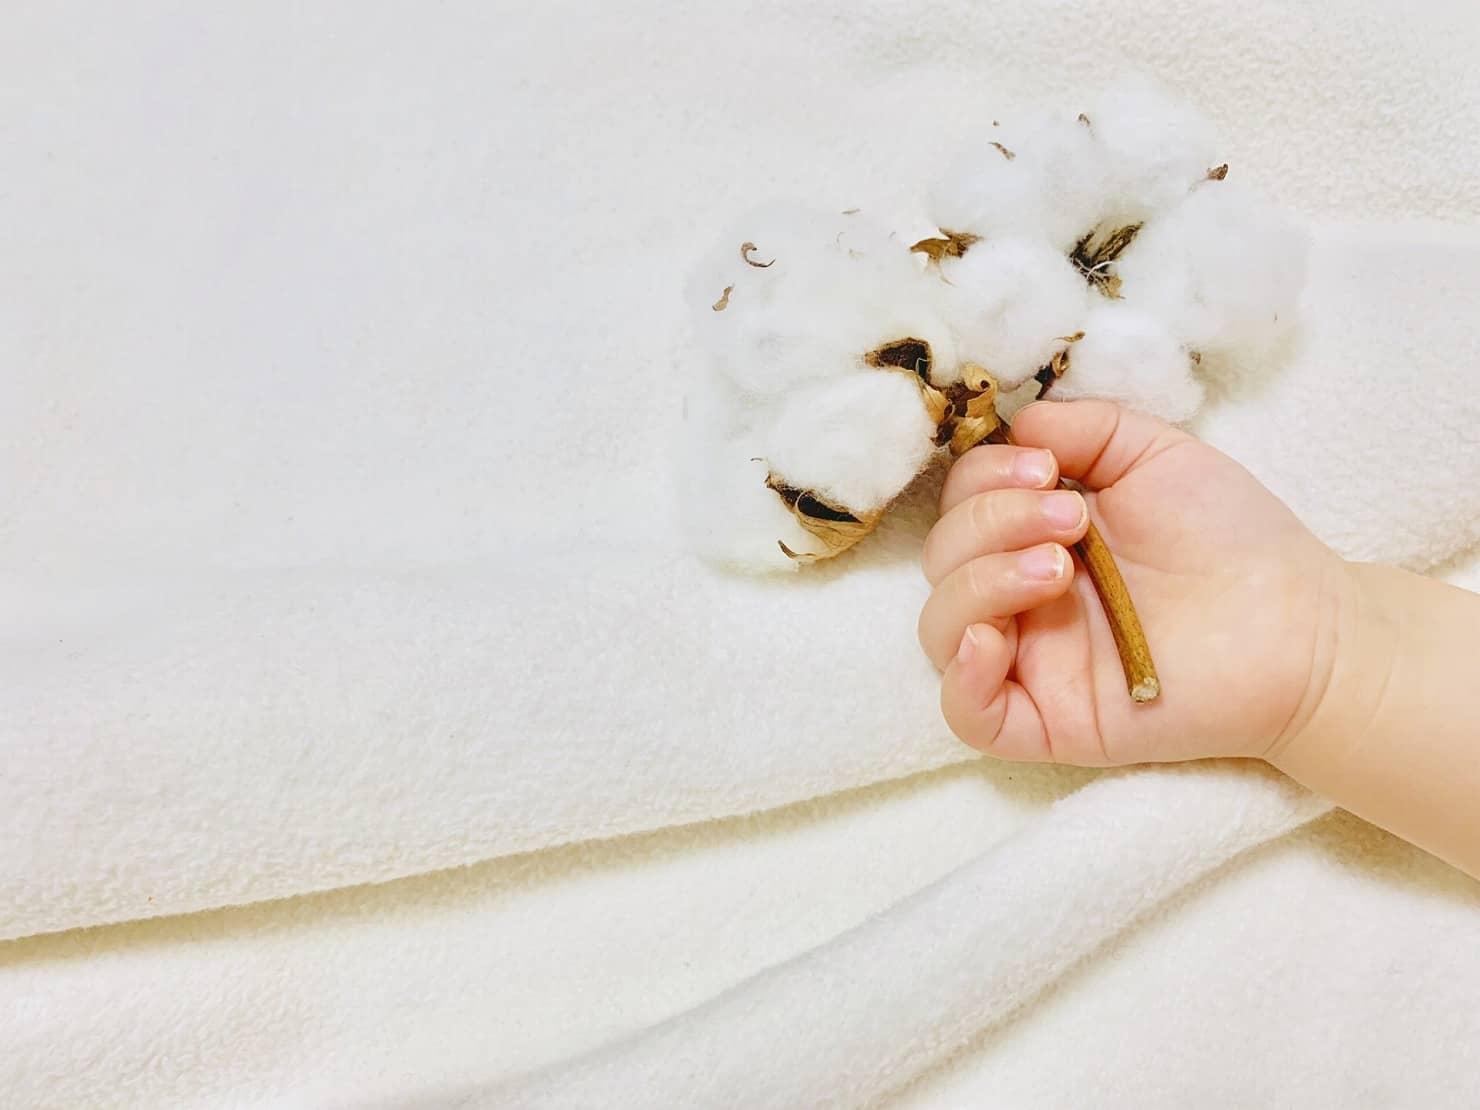 清浄綿はママの授乳に必要? 使い方や使用期限、おすすめ商品11選!